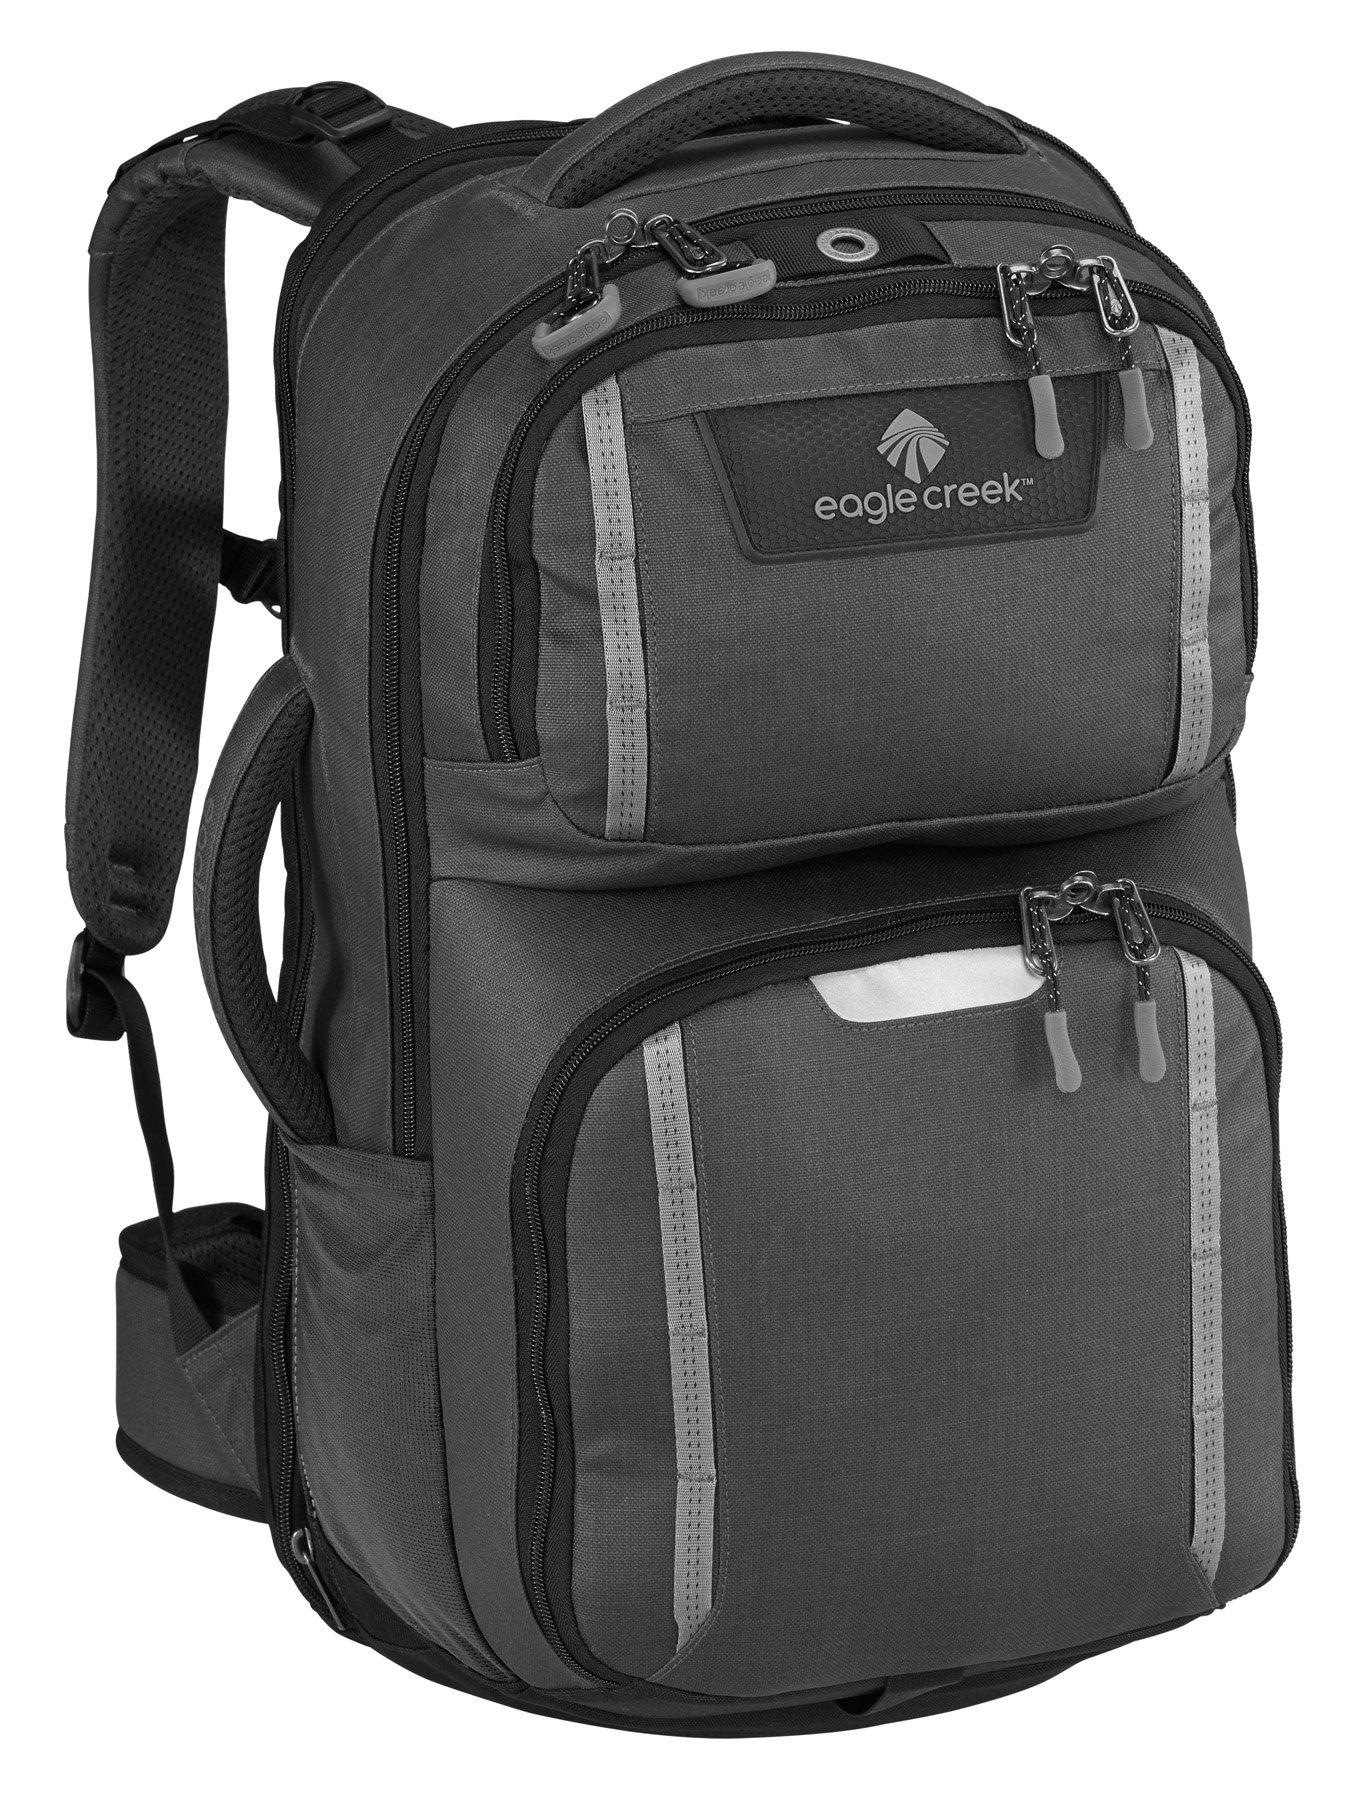 Eagle Creek Mission Control Backpack, Asphalt Black